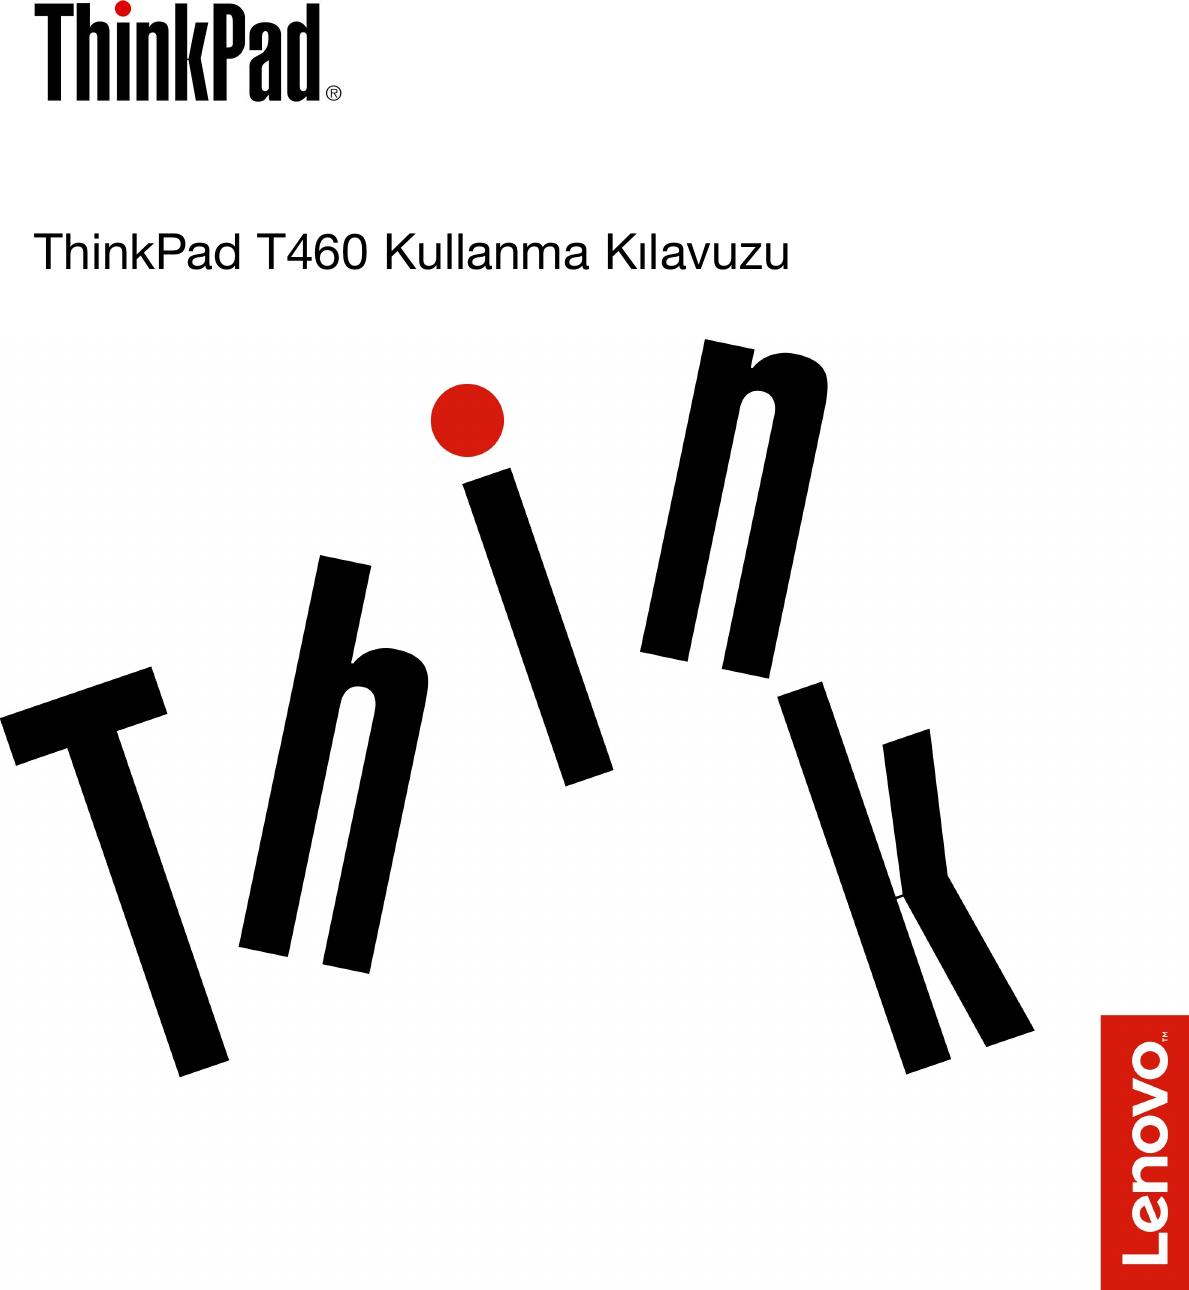 Lenovo T460 Ug Tr User Manual (Turkish) Guide Think Pad